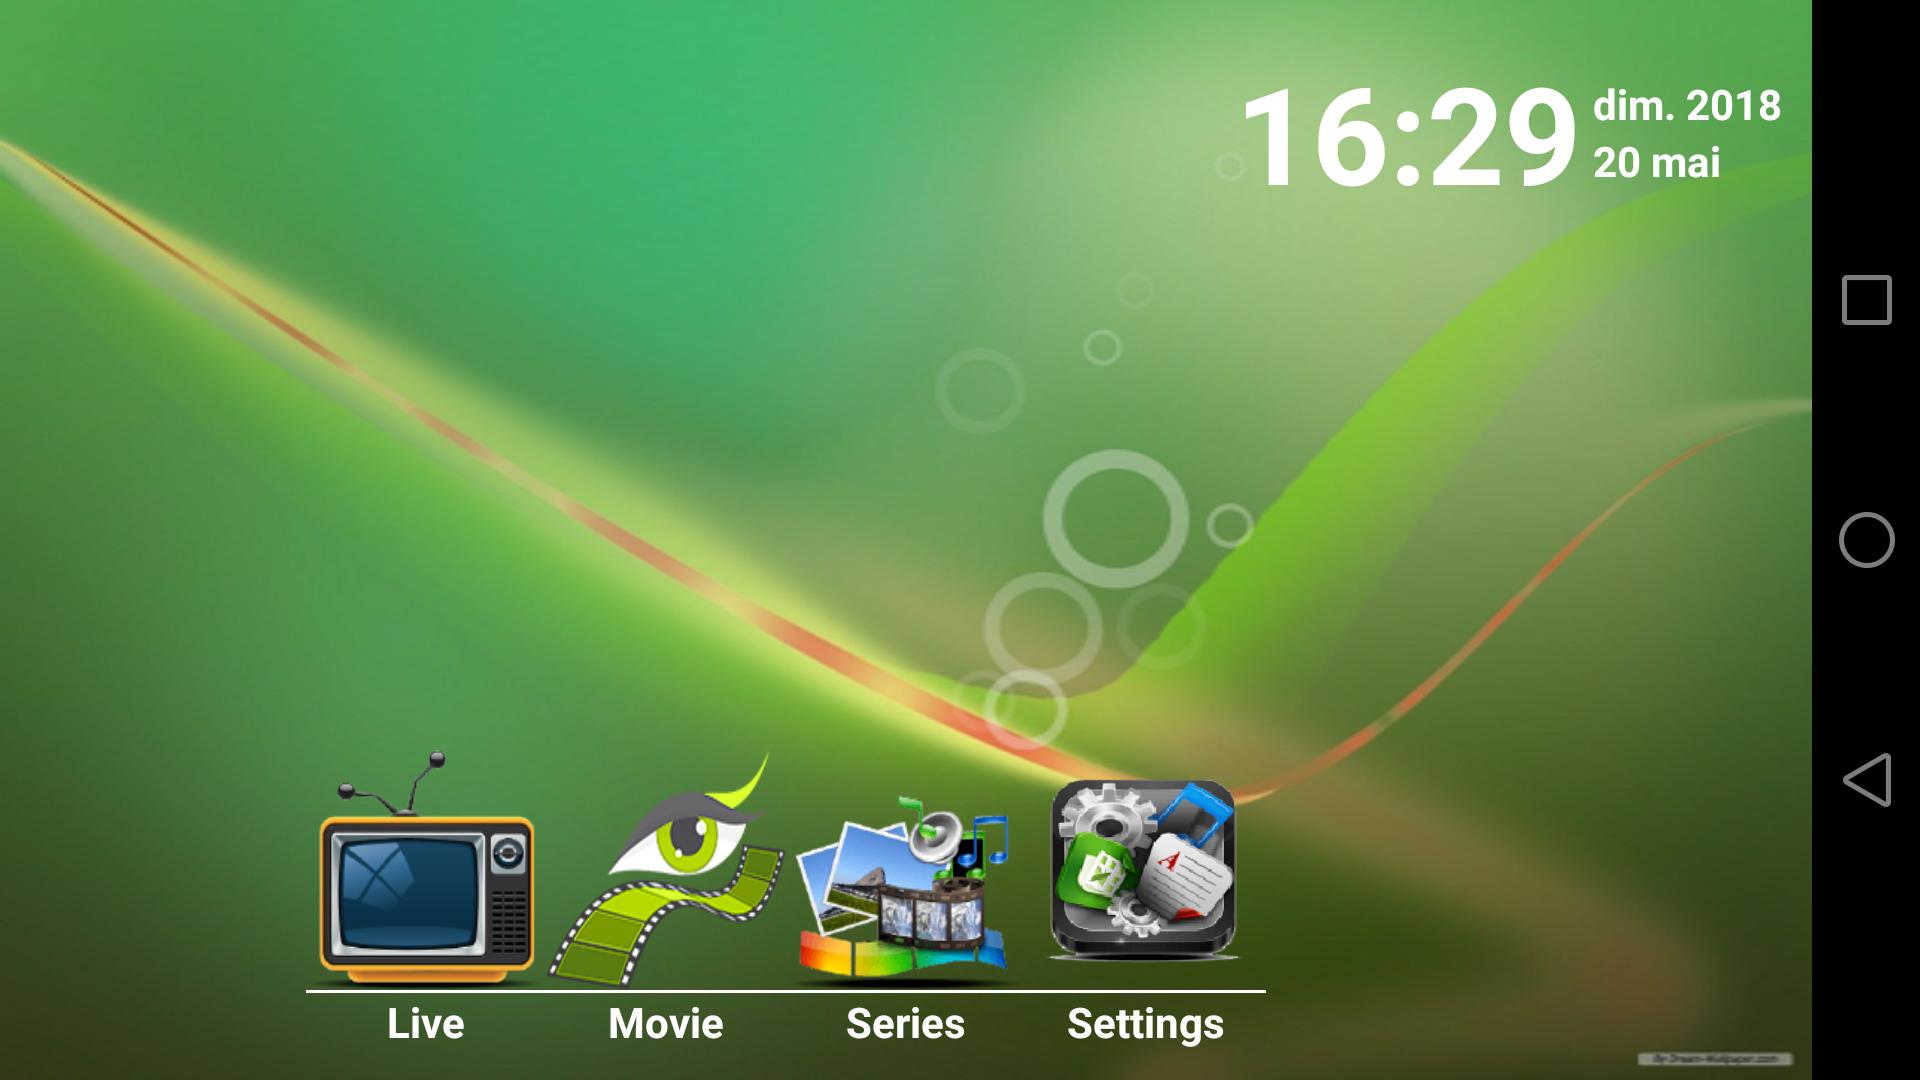 Magnum OTT android IPTV 4k UHD Prix 45€ APK code